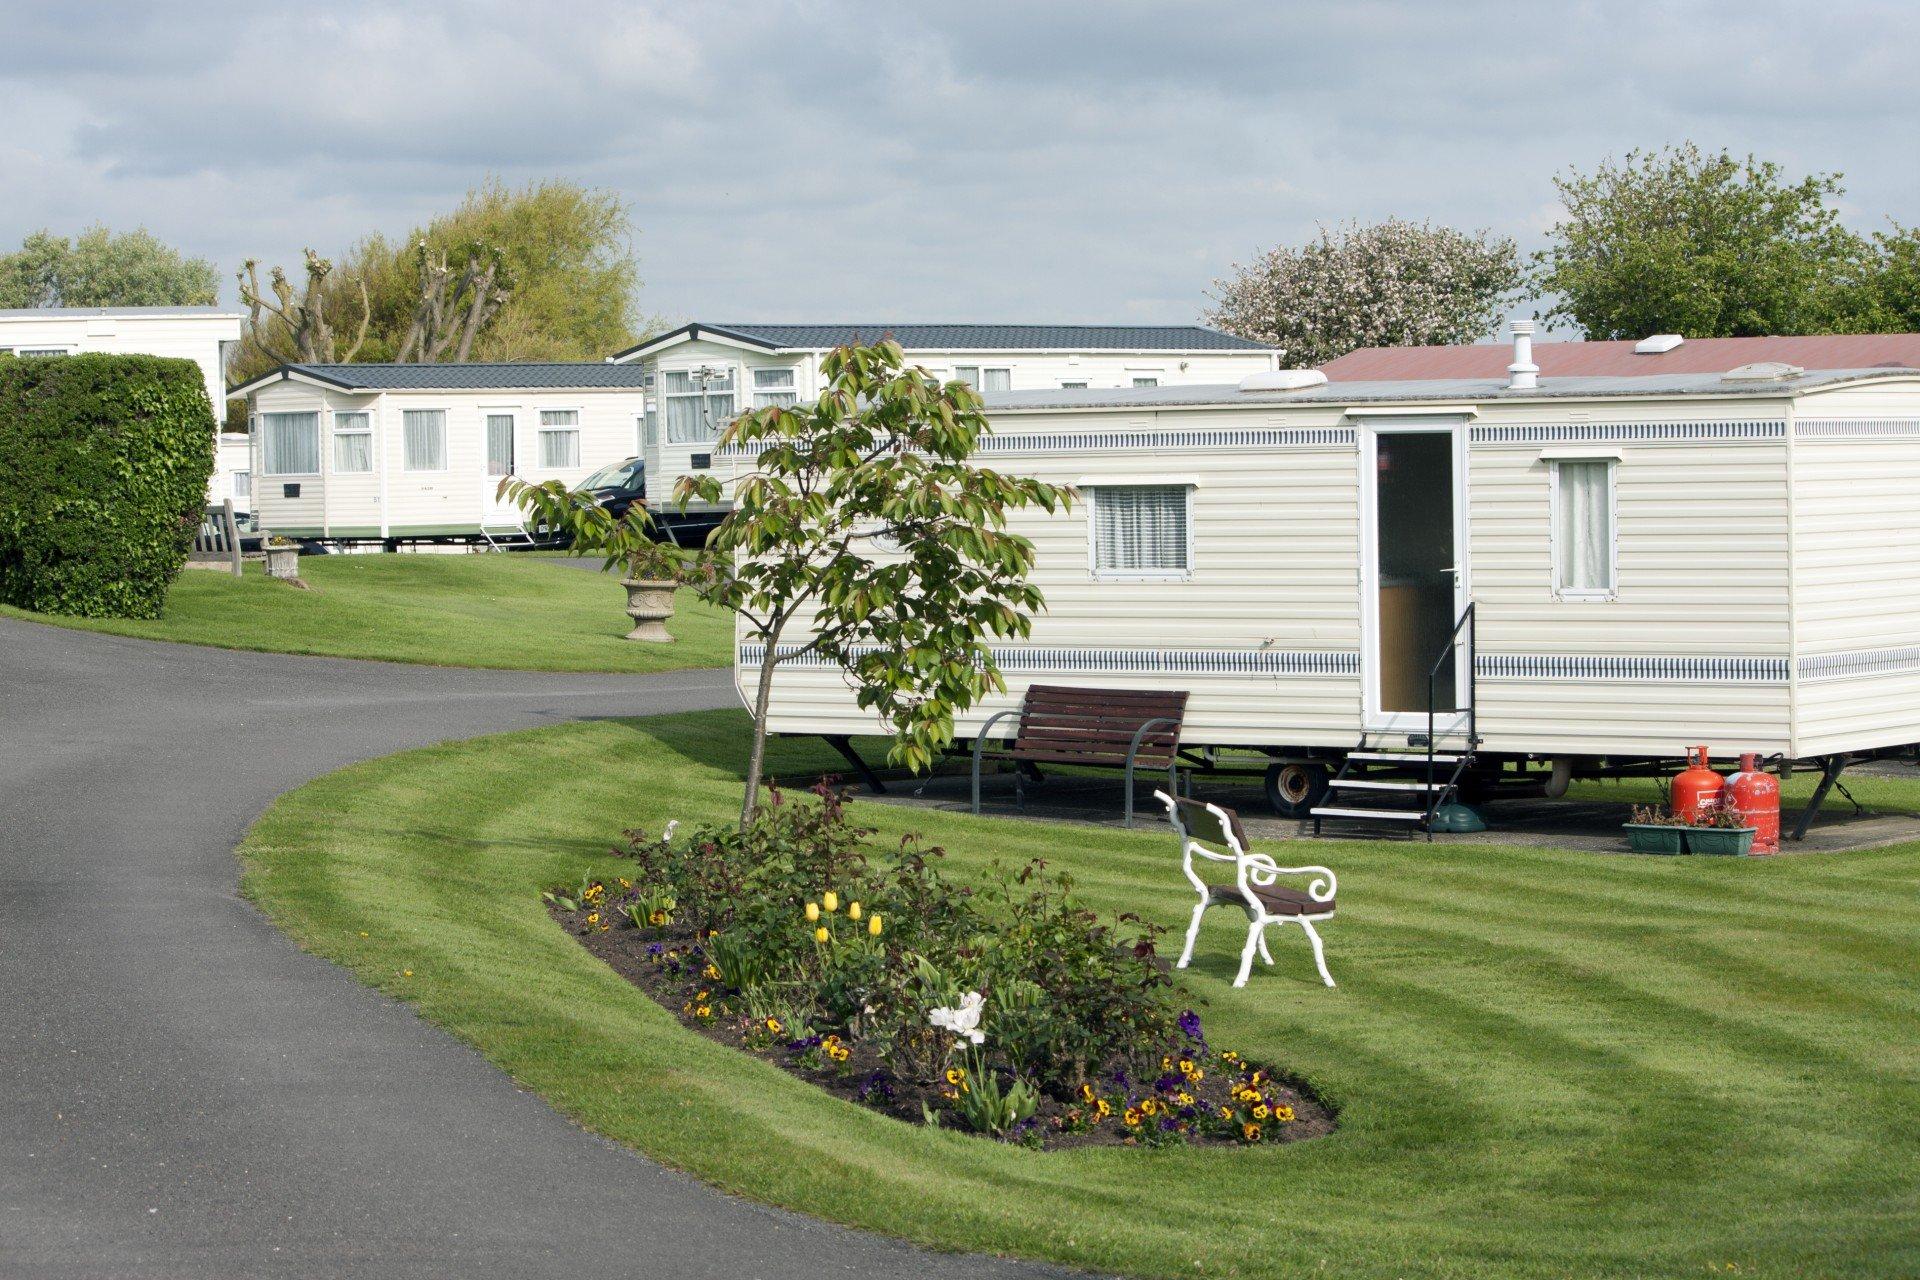 Camping and Caravan Grants